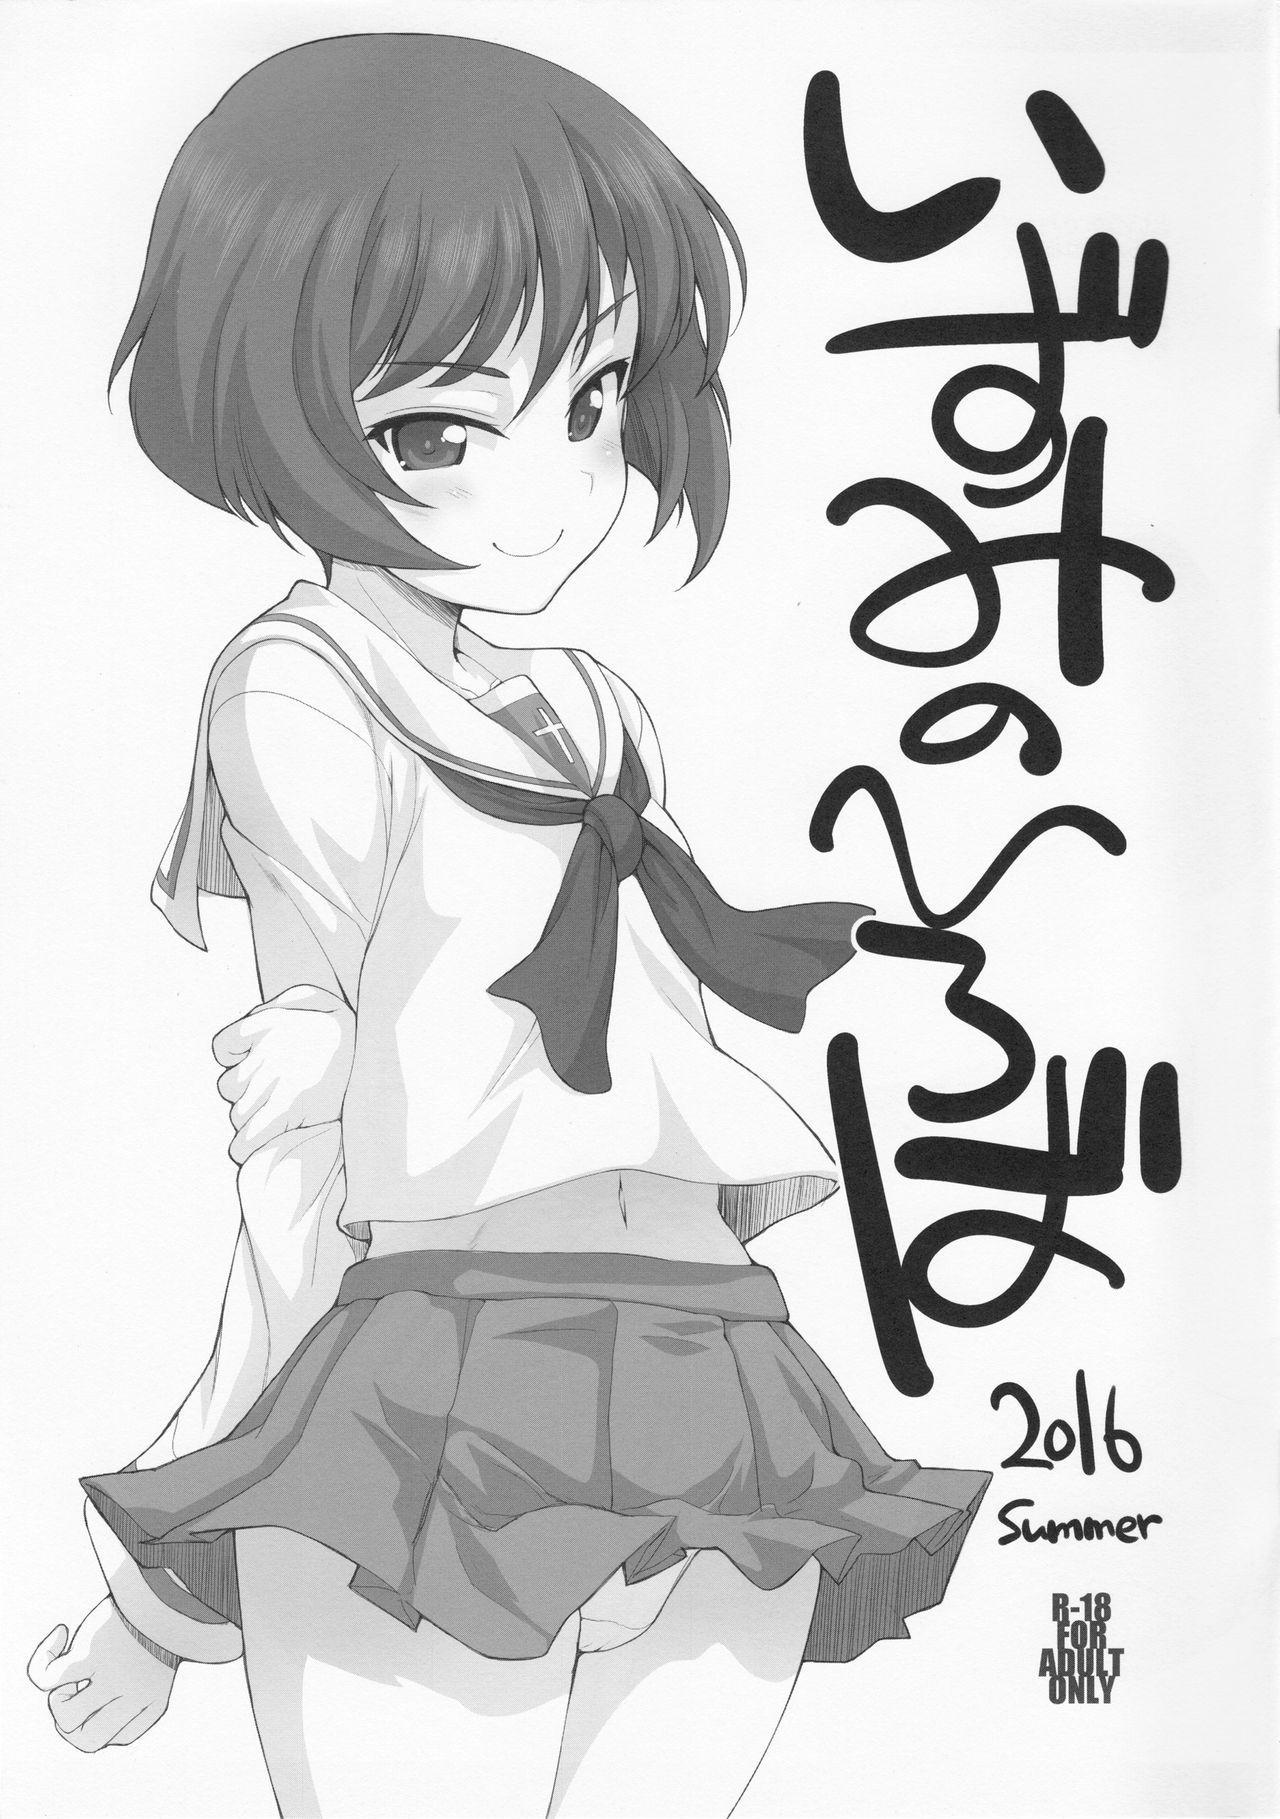 Izumi no Hiroba 2016 Summer 0